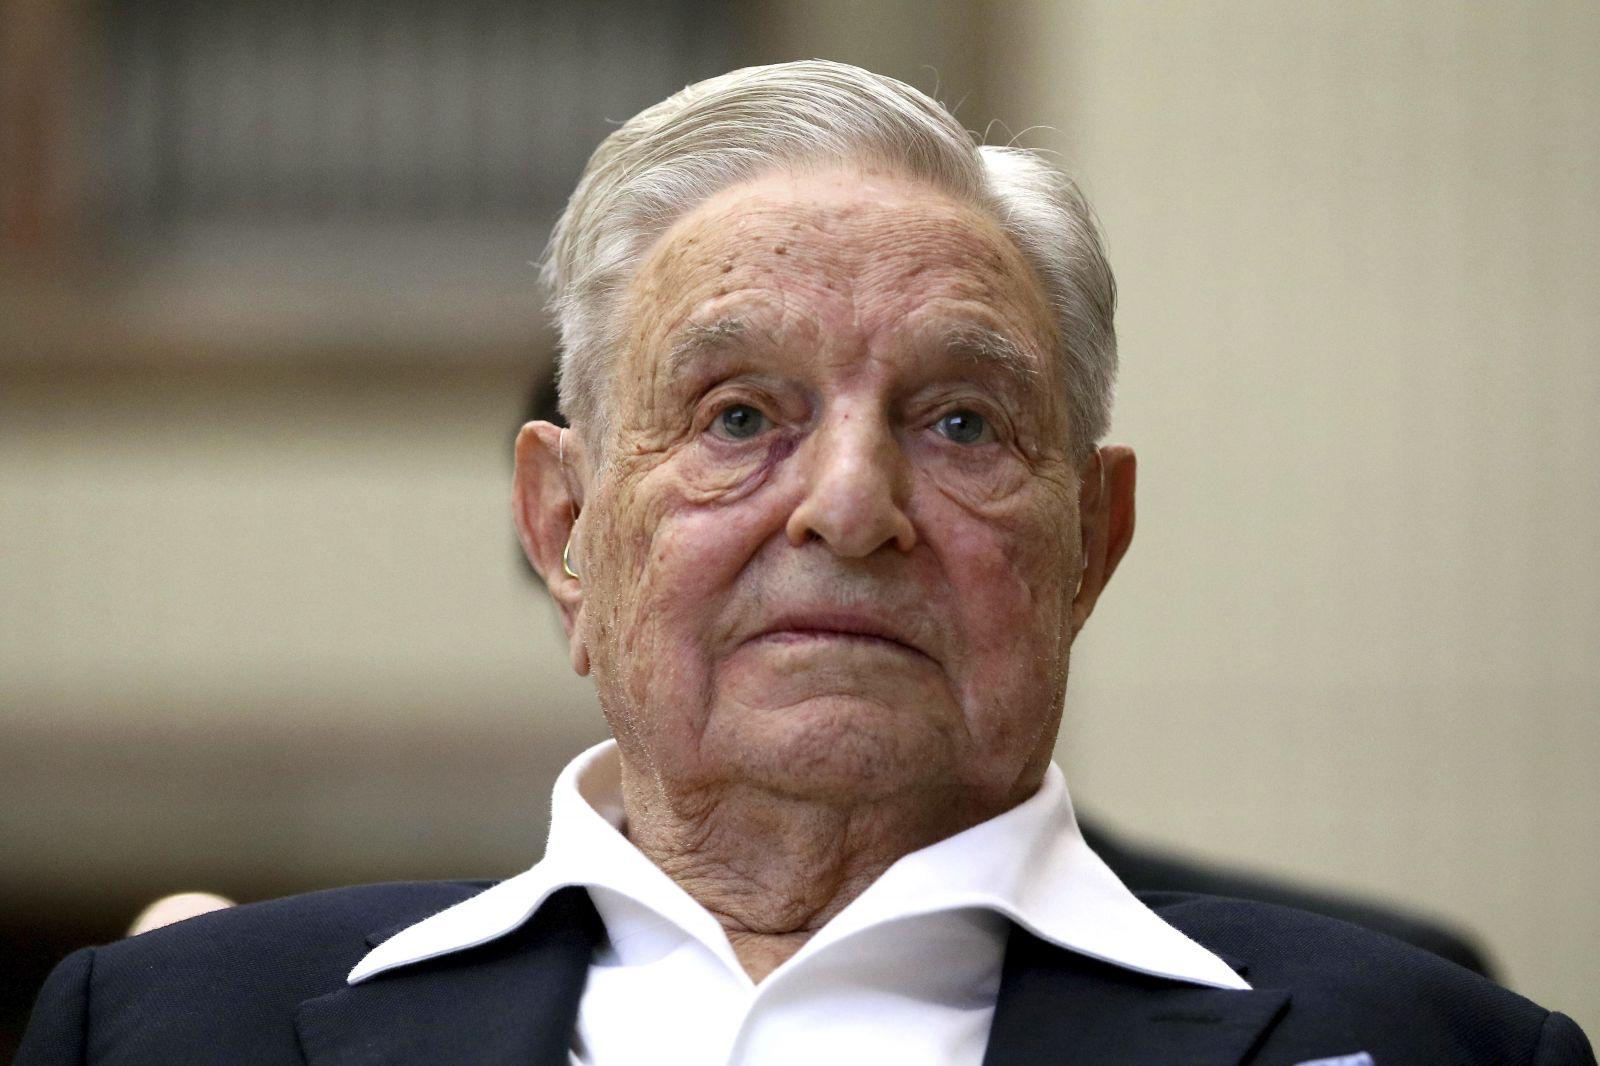 George Soros je ako Hitler a Európa je jeho plynová komora, napísal komisár maďarskej vlády